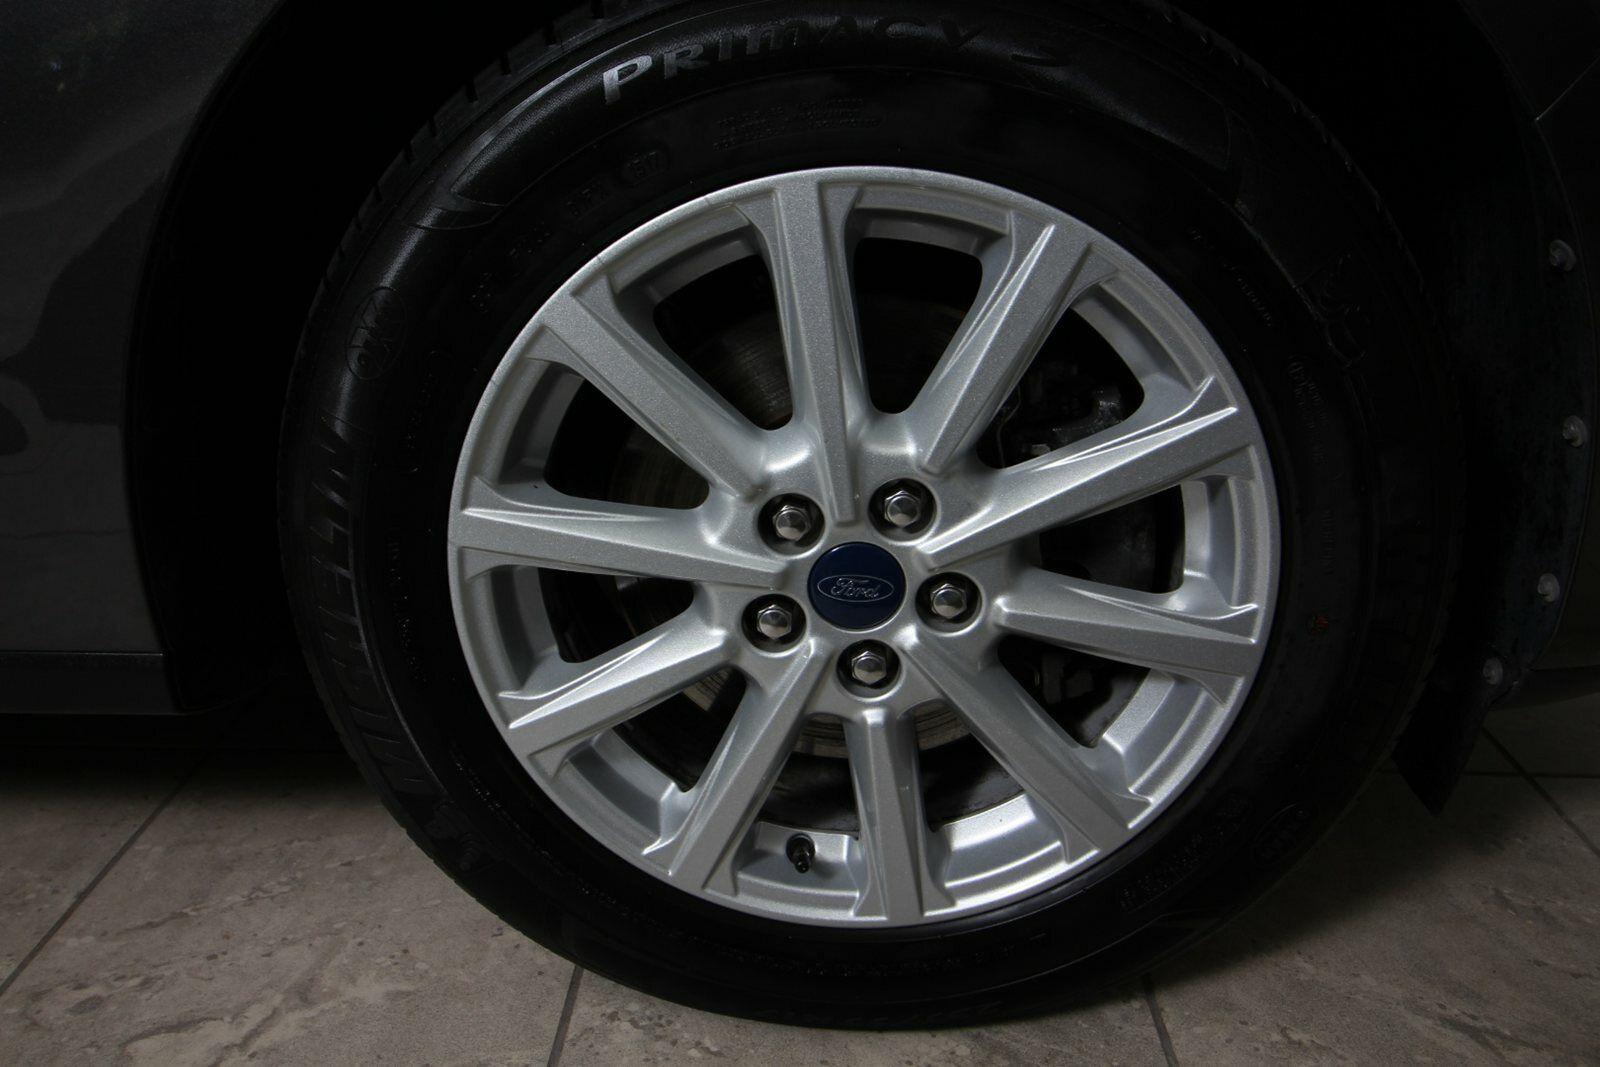 Ford S-MAX TDCi 180 Titanium 7prs